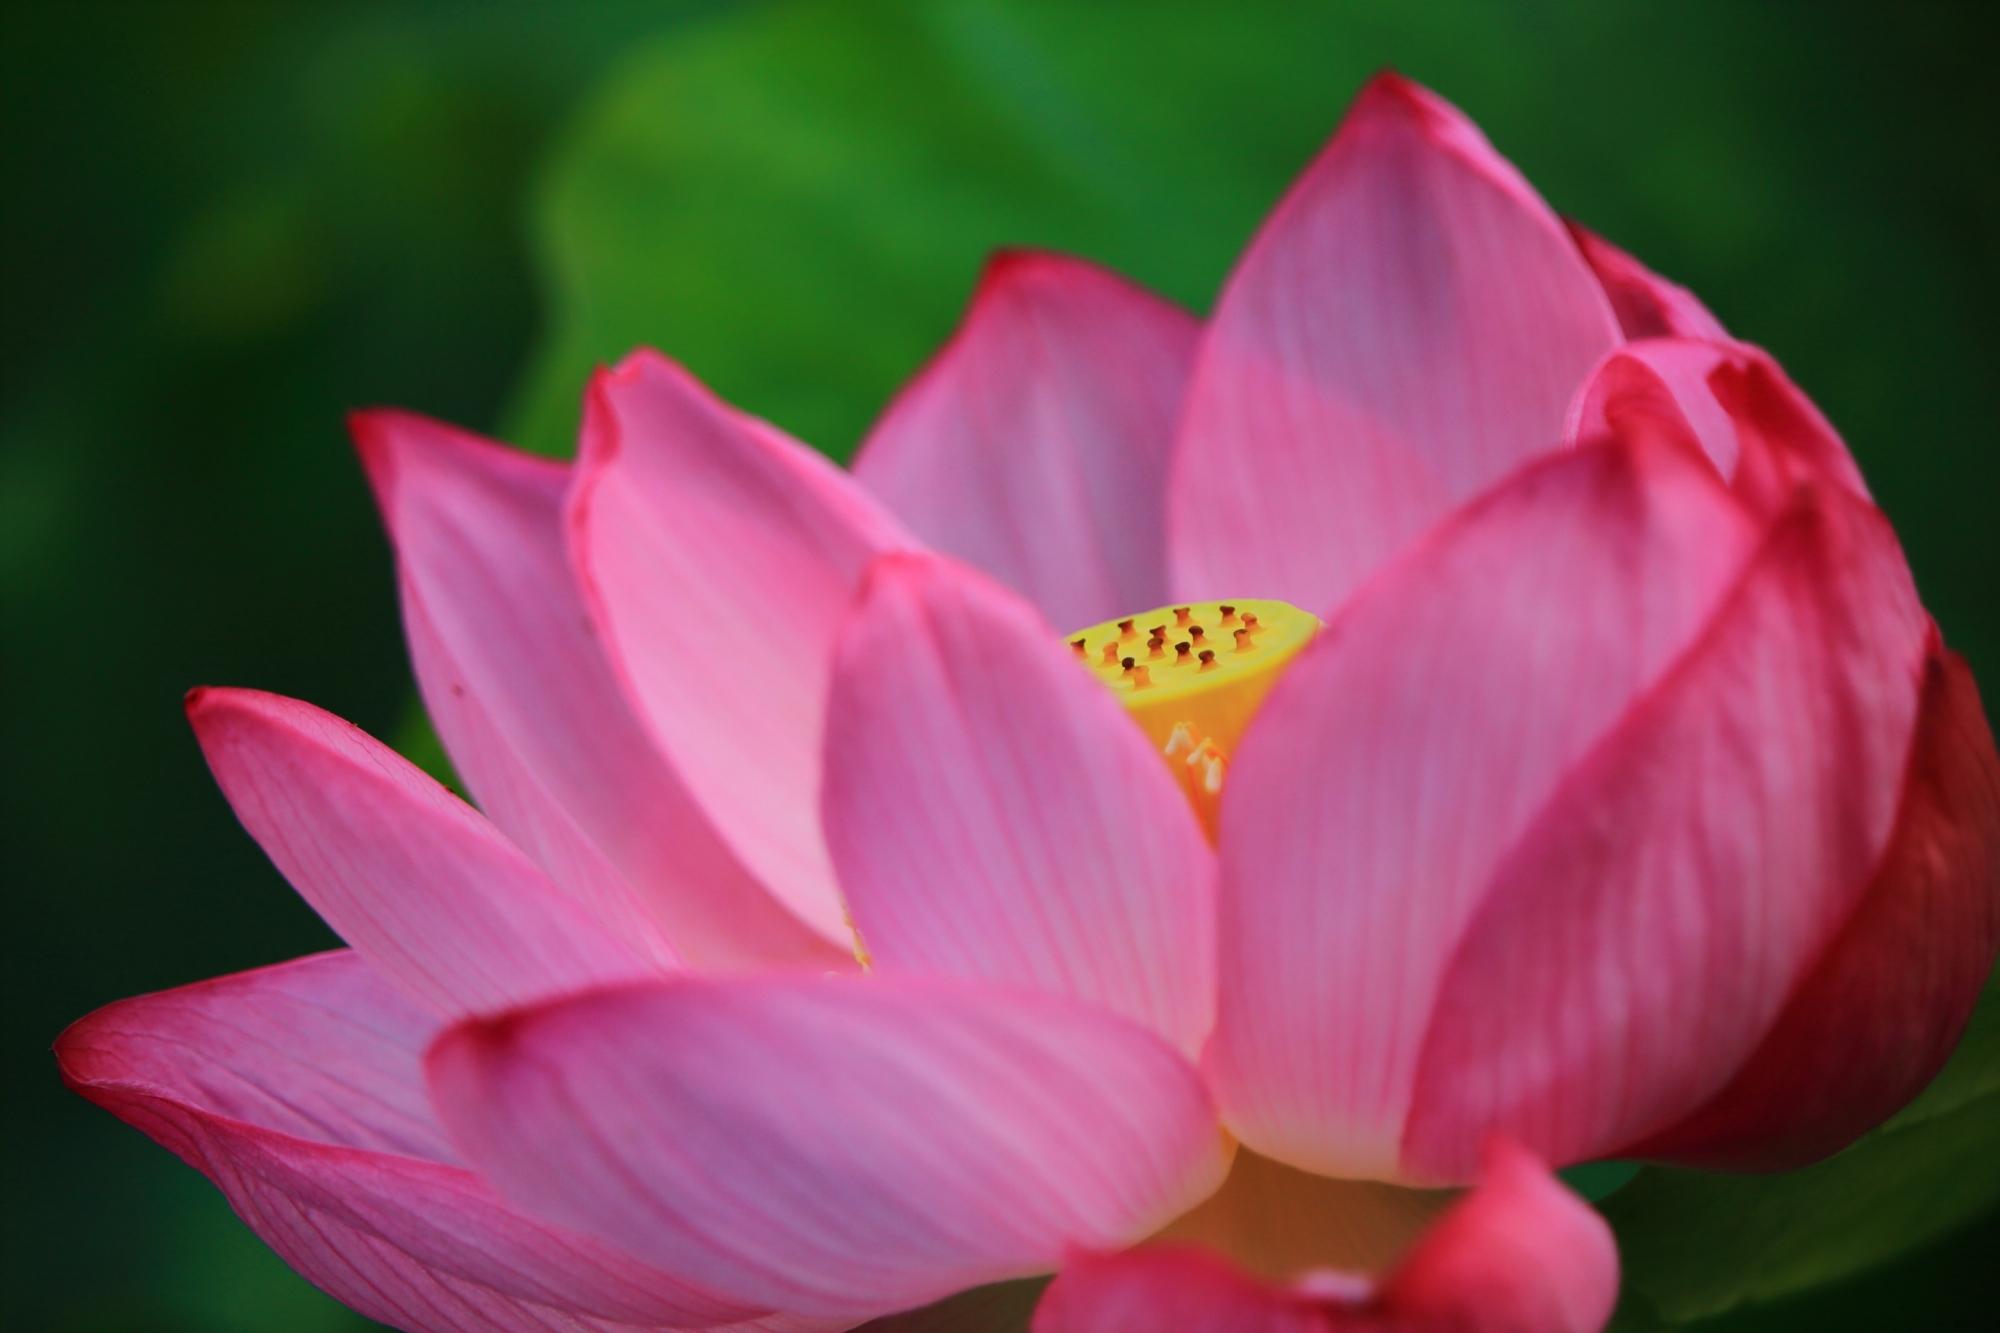 大谷本廟の華やかなピンク色の蓮の花